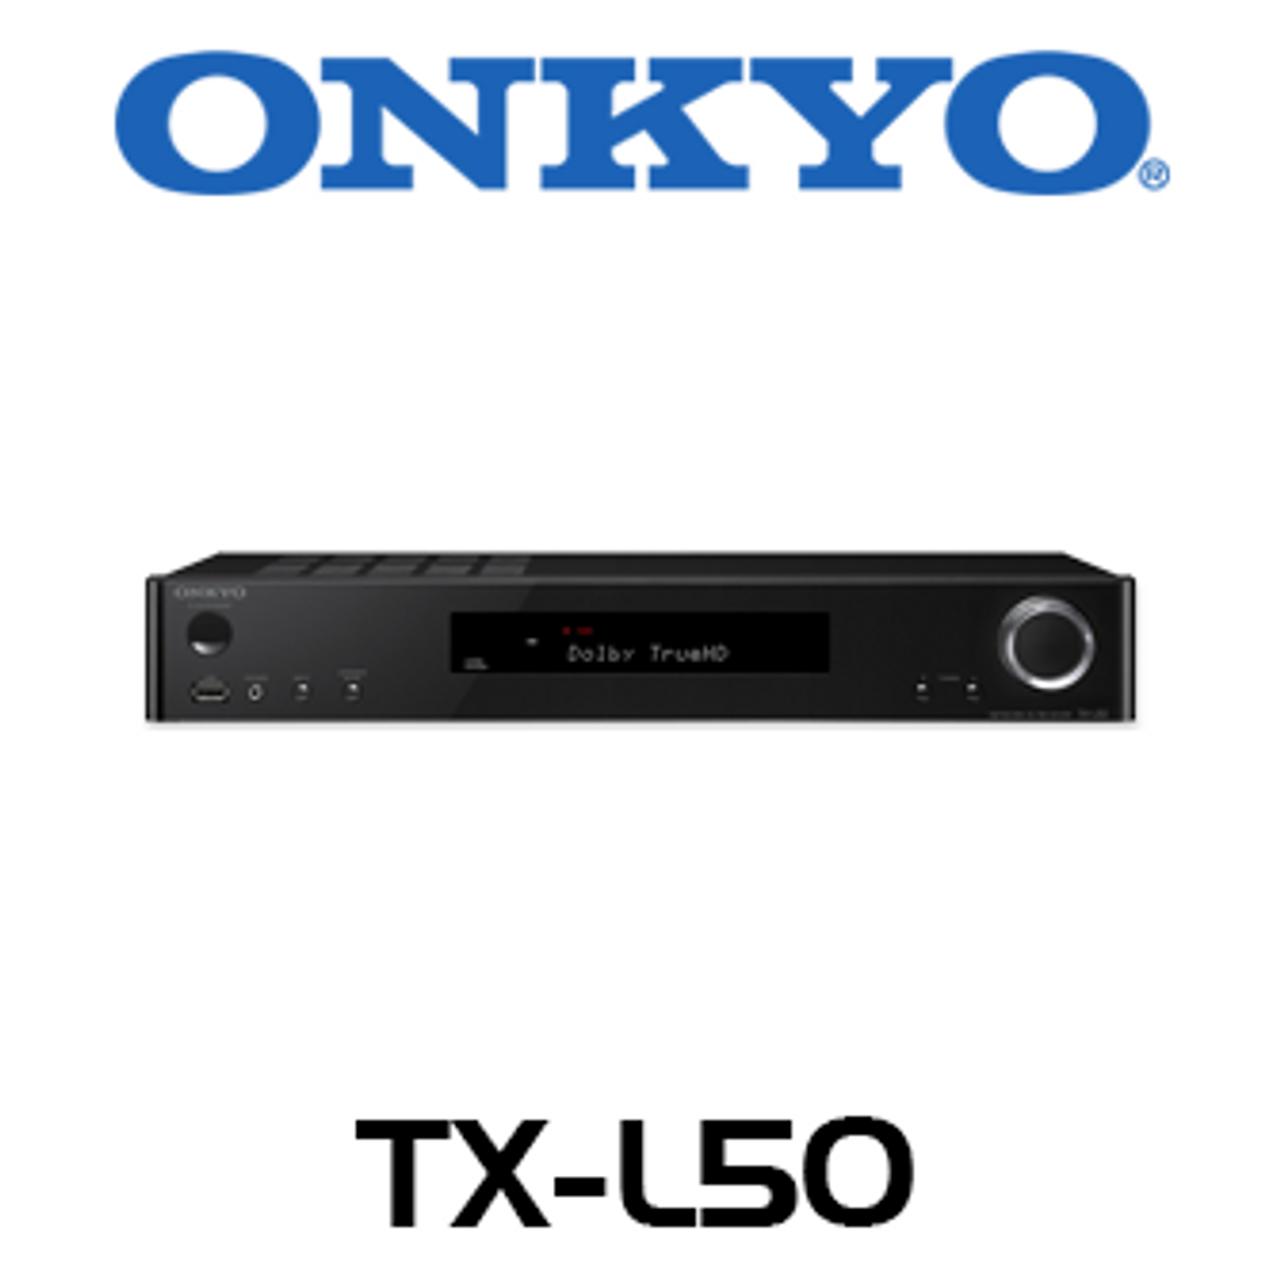 Onkyo Envision TX-L50 5 1-Ch 4K Ready Slimline Network AV Receiver